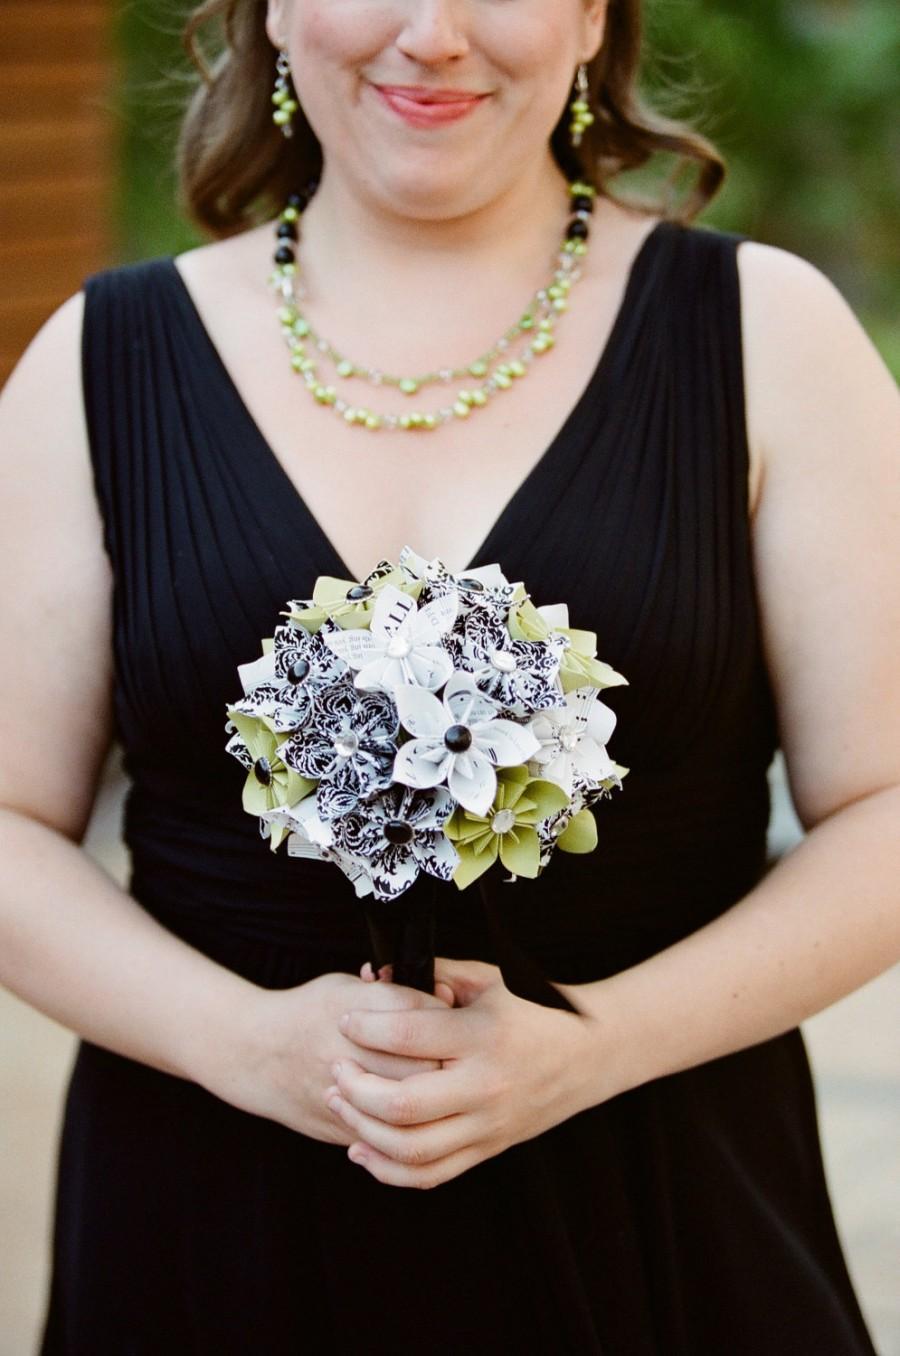 زفاف - Unique Alternative Untraditional Trendy Paper Flower Wedding Bouquet